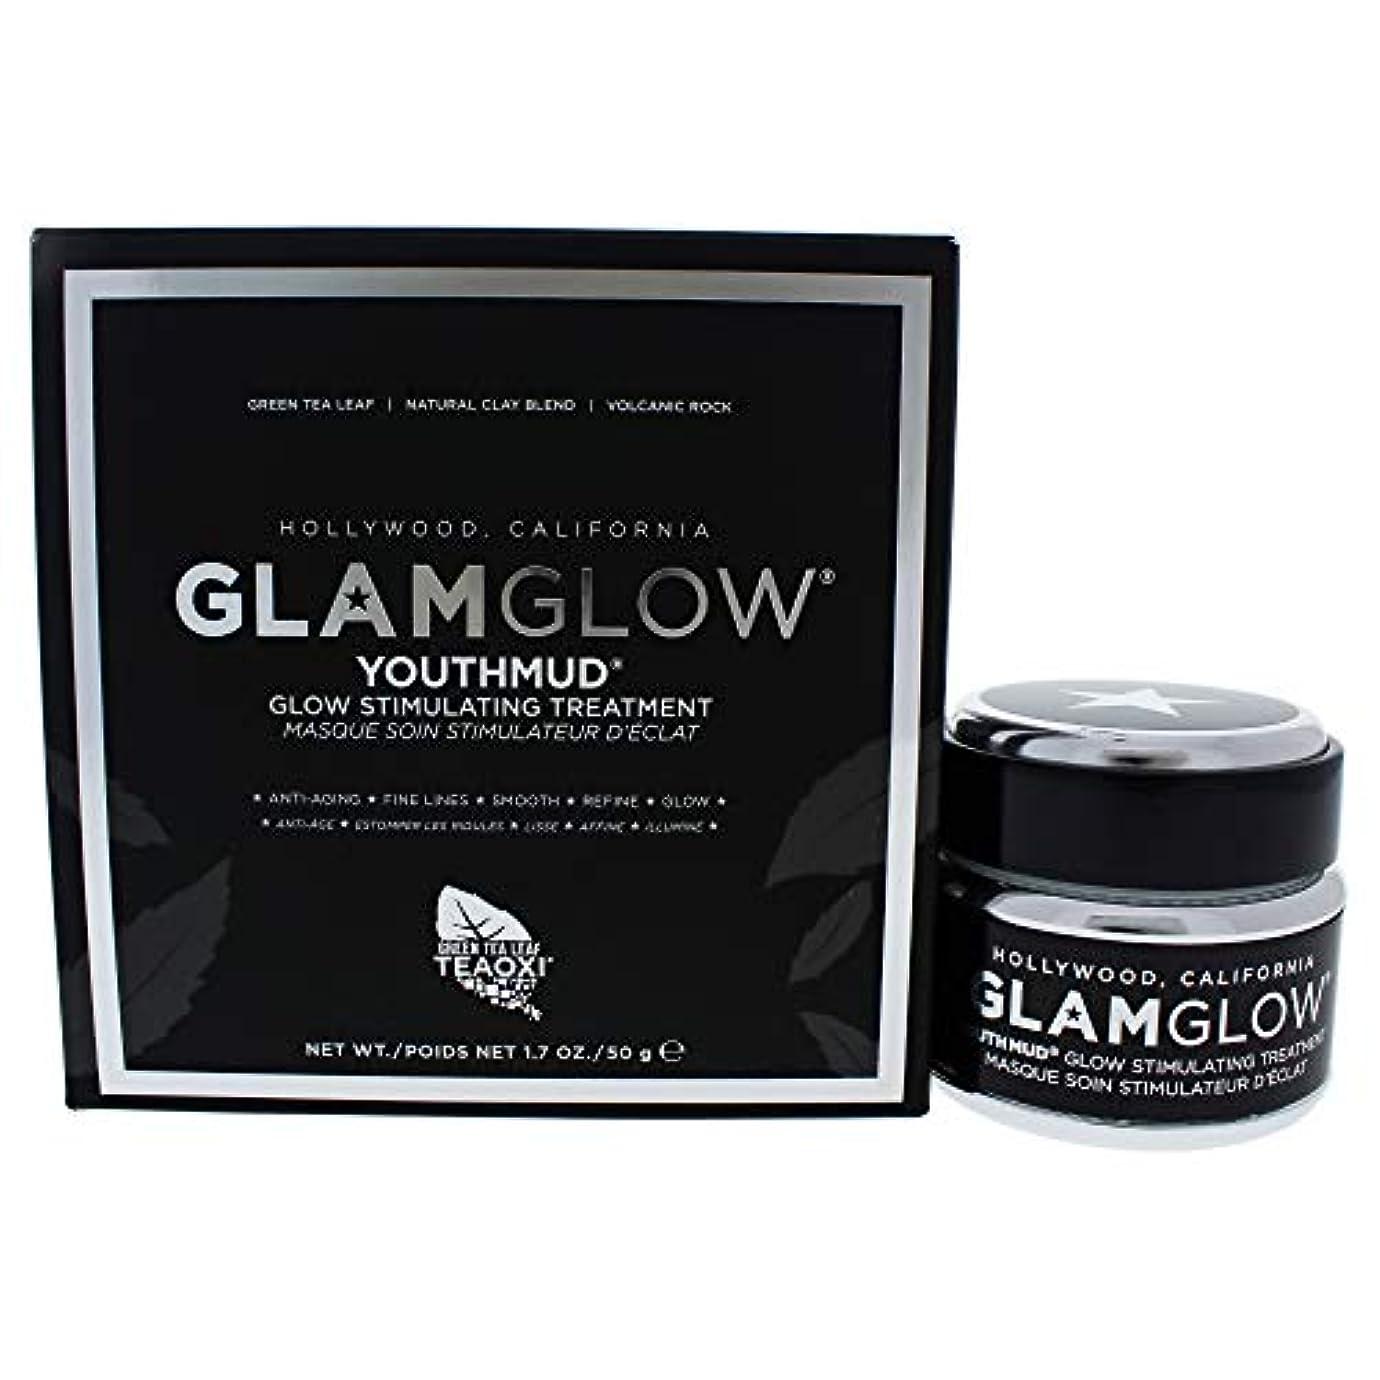 シールド動的サンダースYouthmud Glow Stimulating Treatment